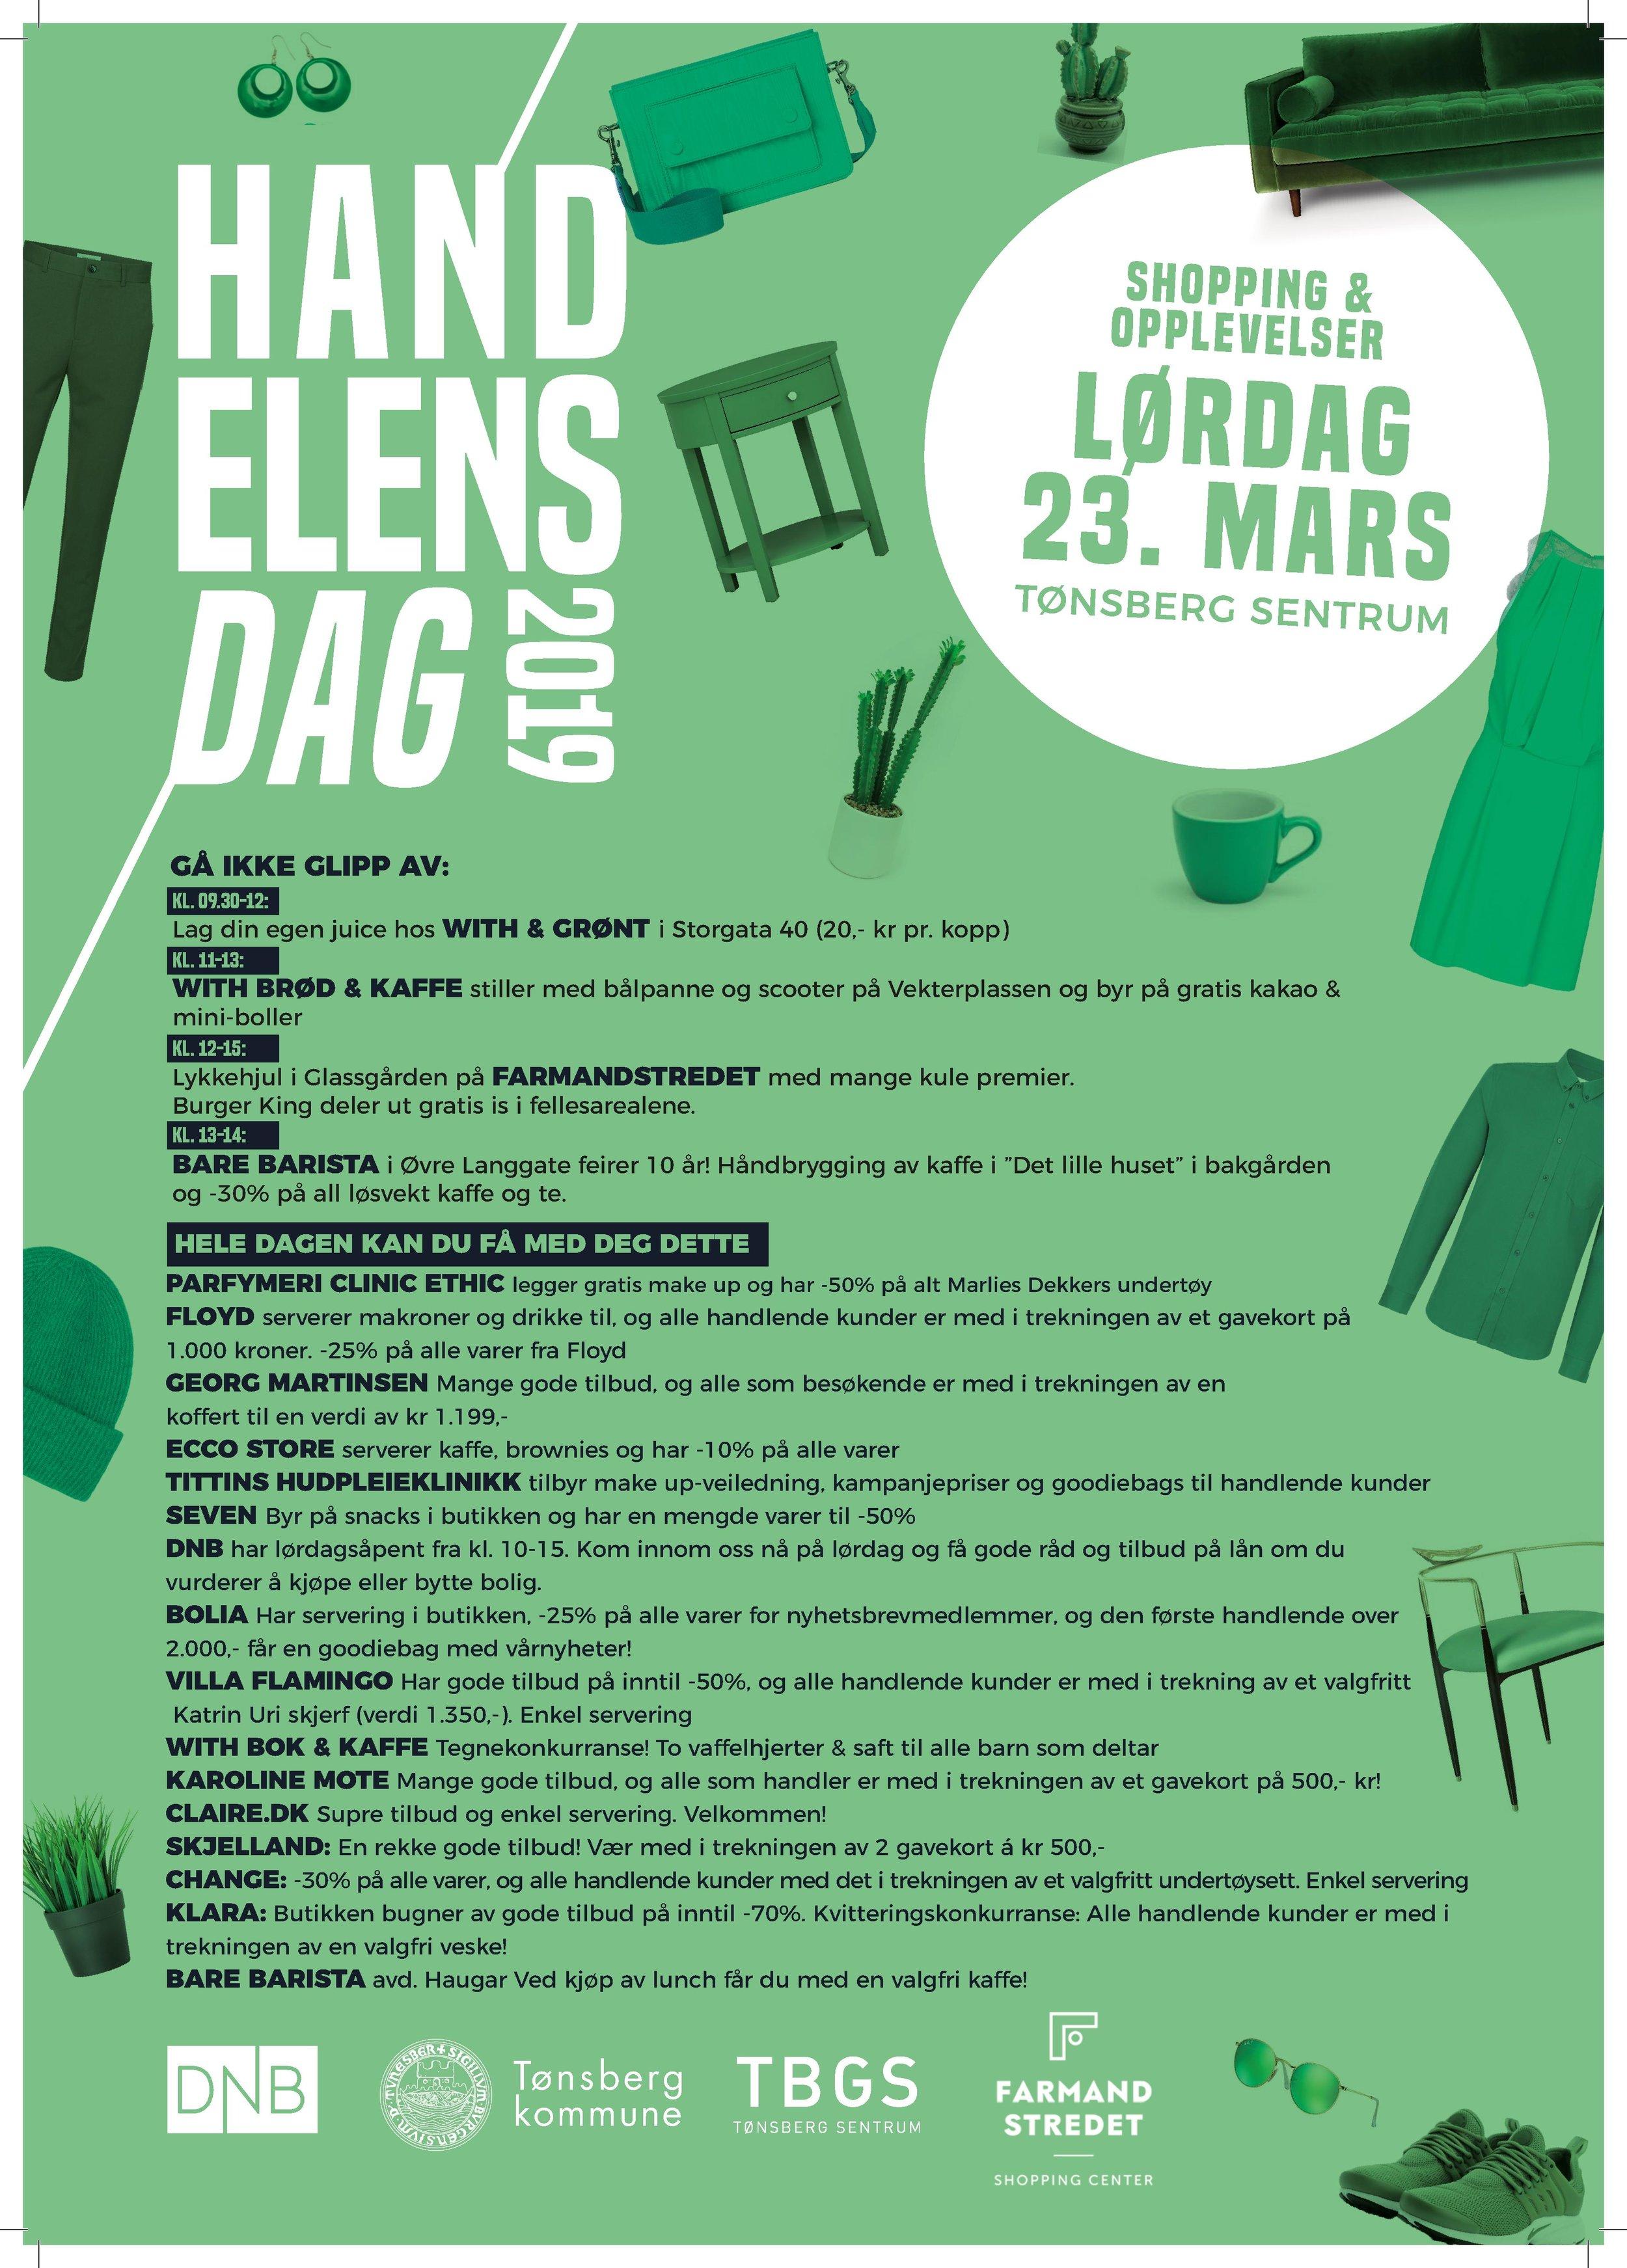 Handelens dag_festivalplakat .jpg